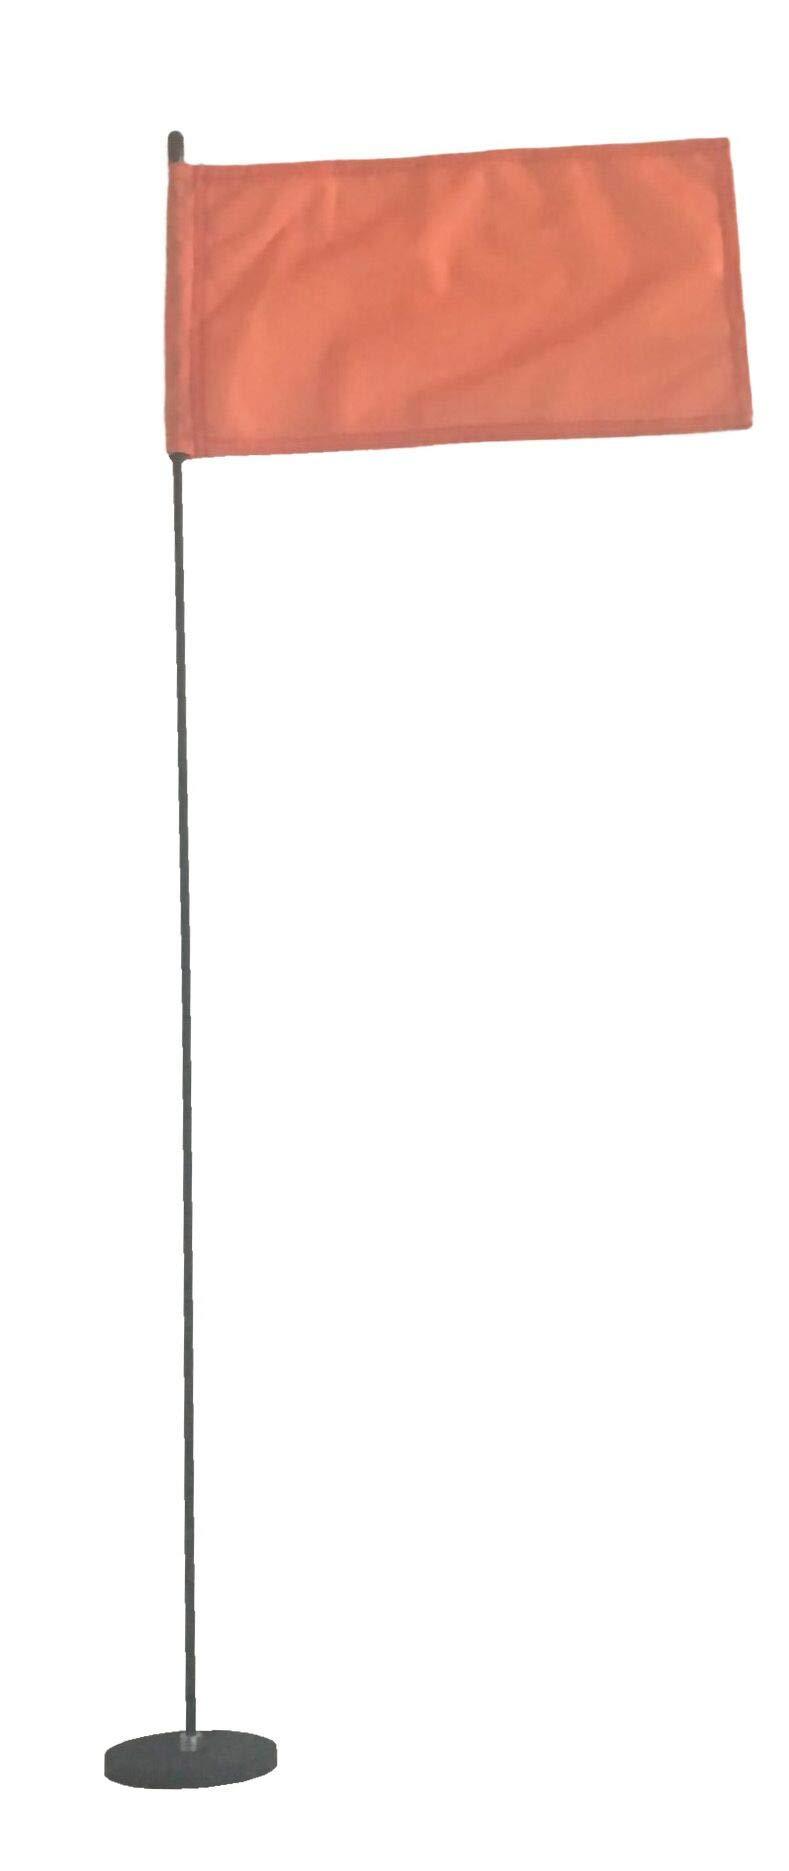 Magnetic Base Flag Holder - Hold Force 44 lbs. Flex Steel Spring Pole 36 inch (8 x 13) Orange Flag